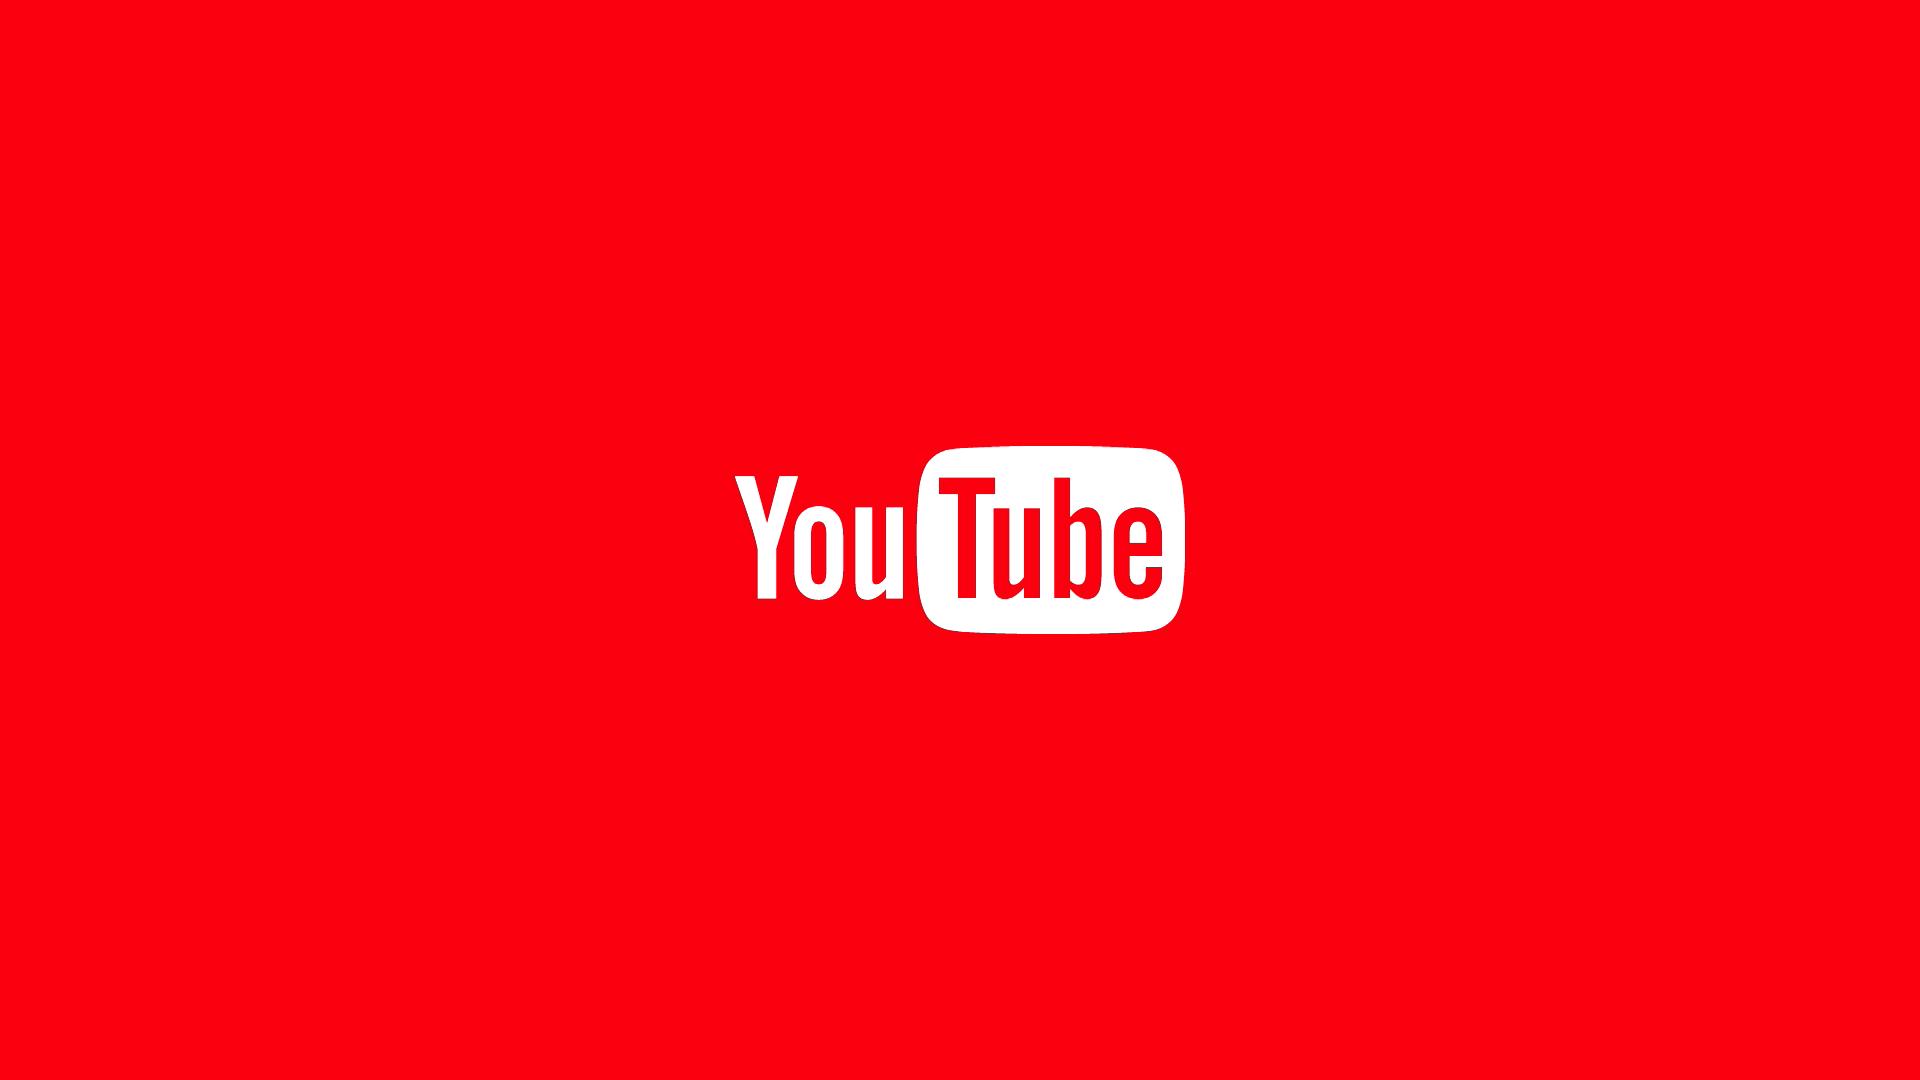 اموزش دانلود فیلم از یوتیوب بدون نیاز به فیلترشکن